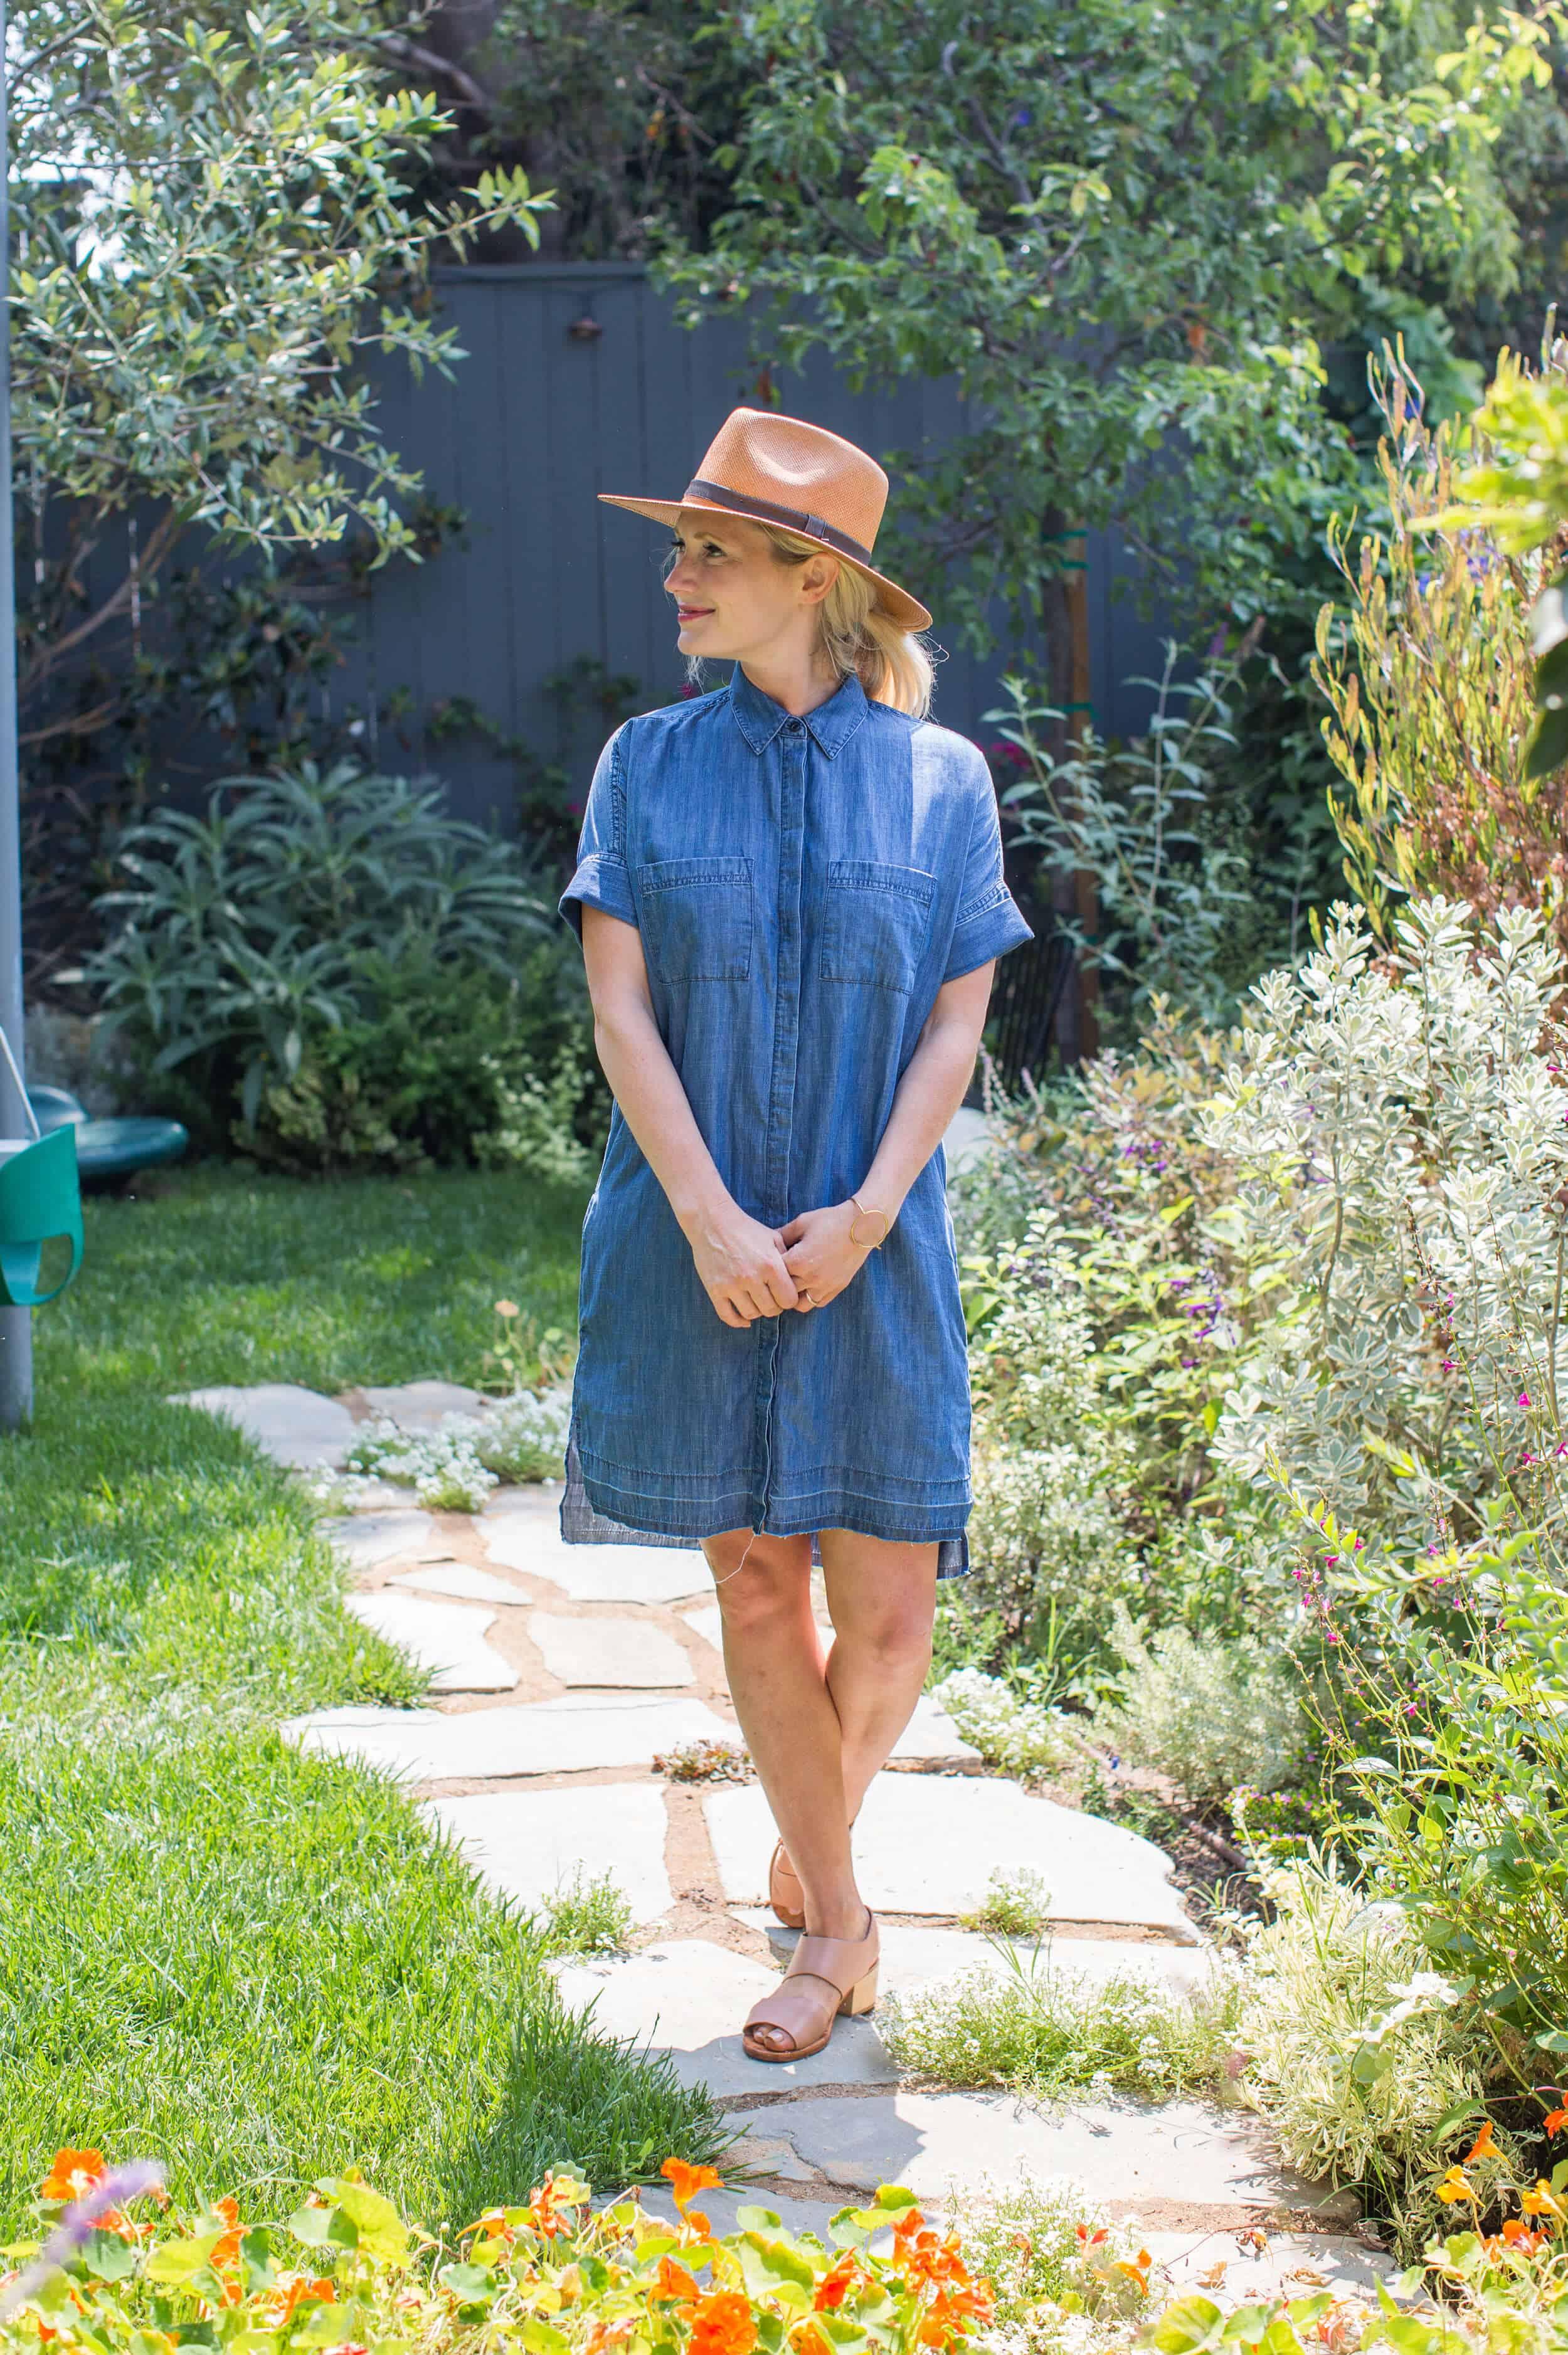 Emily-Henderson-Summer-Essentials-Fashion00020